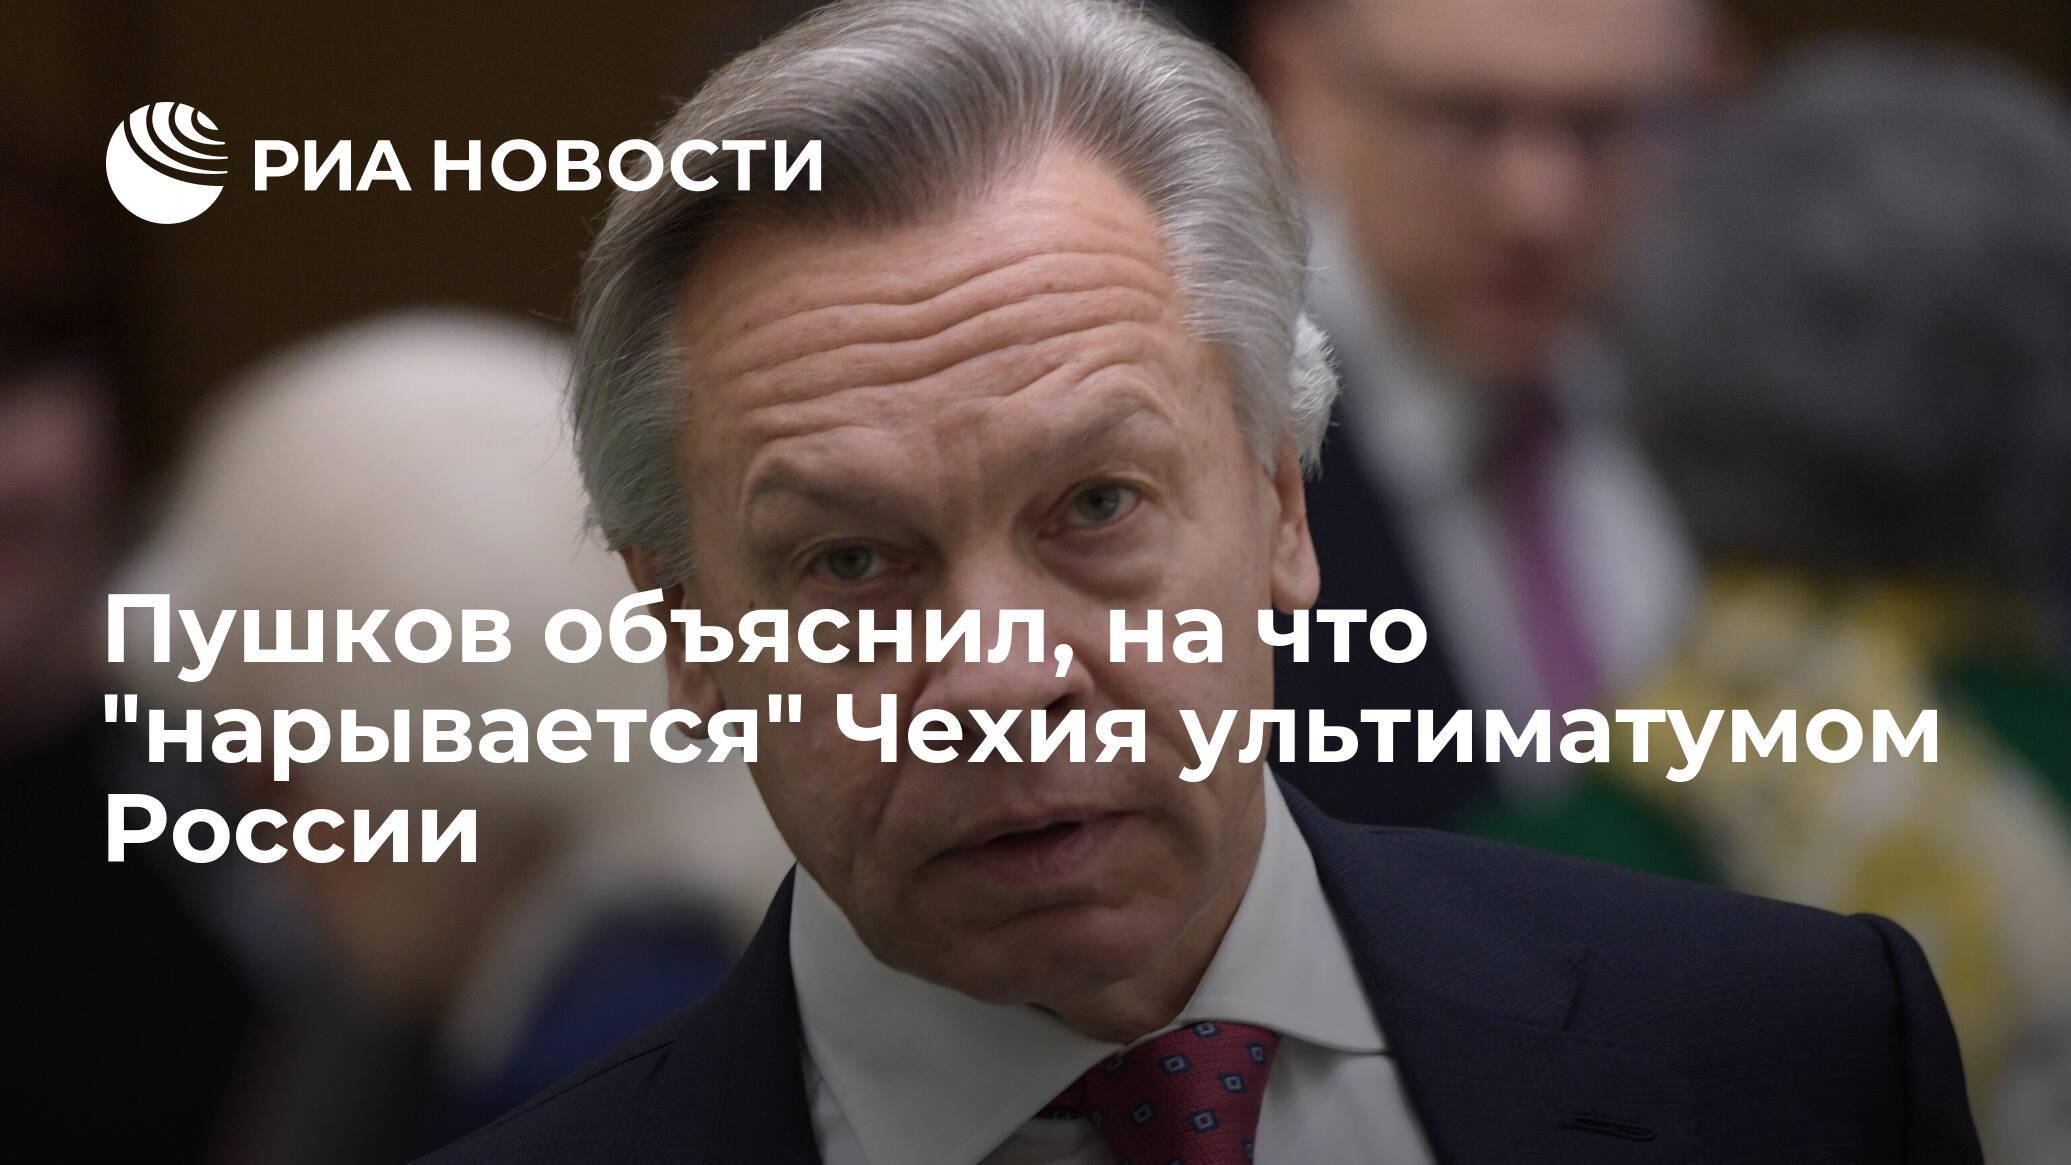 Пушков объяснил, на что «нарывается» Чехия ультиматумом России